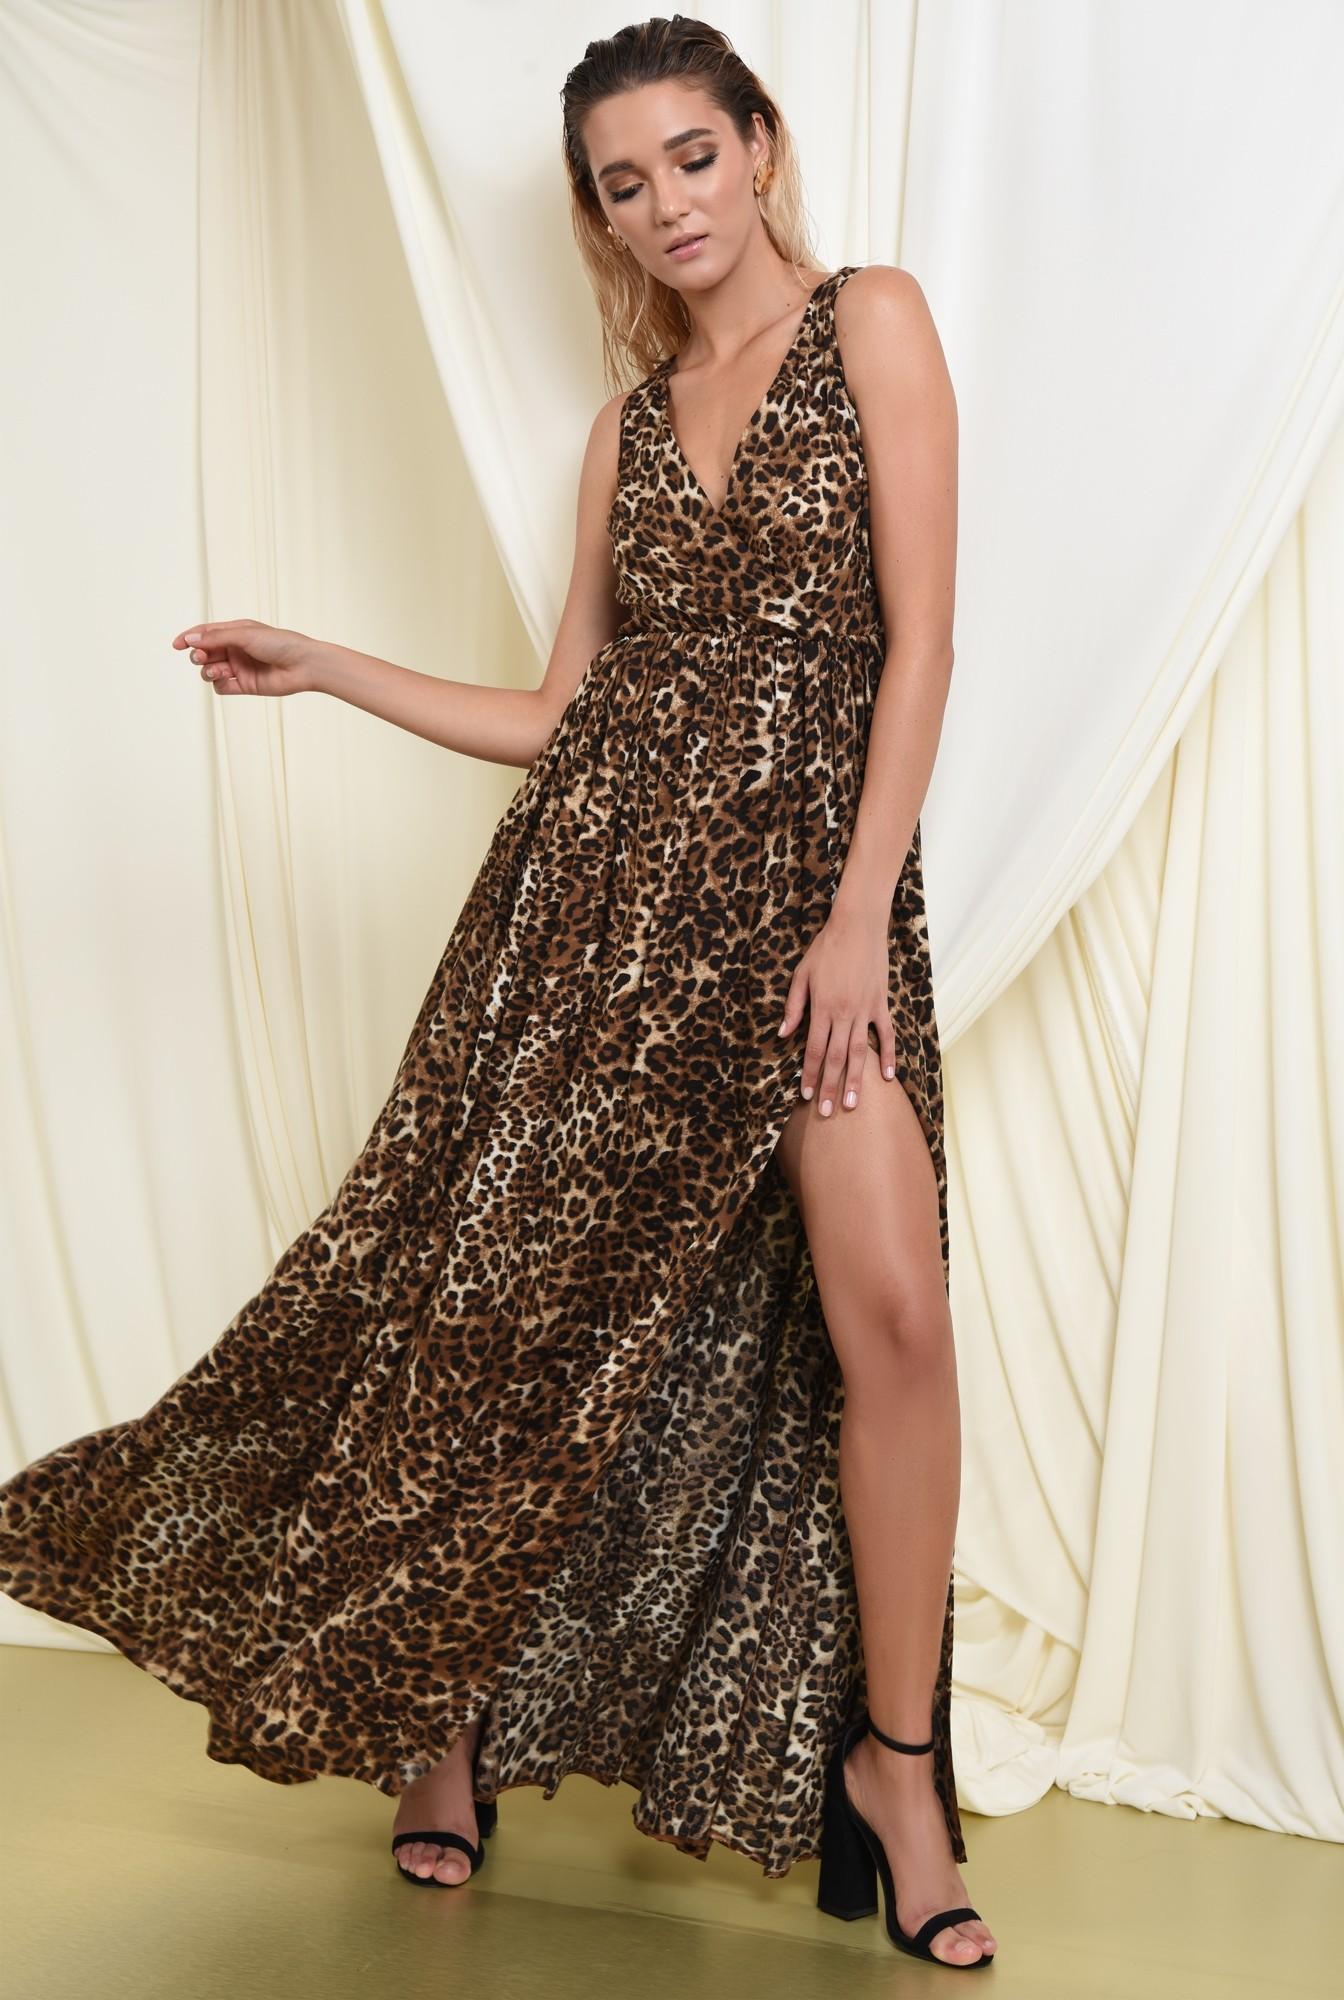 0 - rochie de ocazie, cu imprimeu leopard, maxi, evazata, cu crapeu, funda la spate